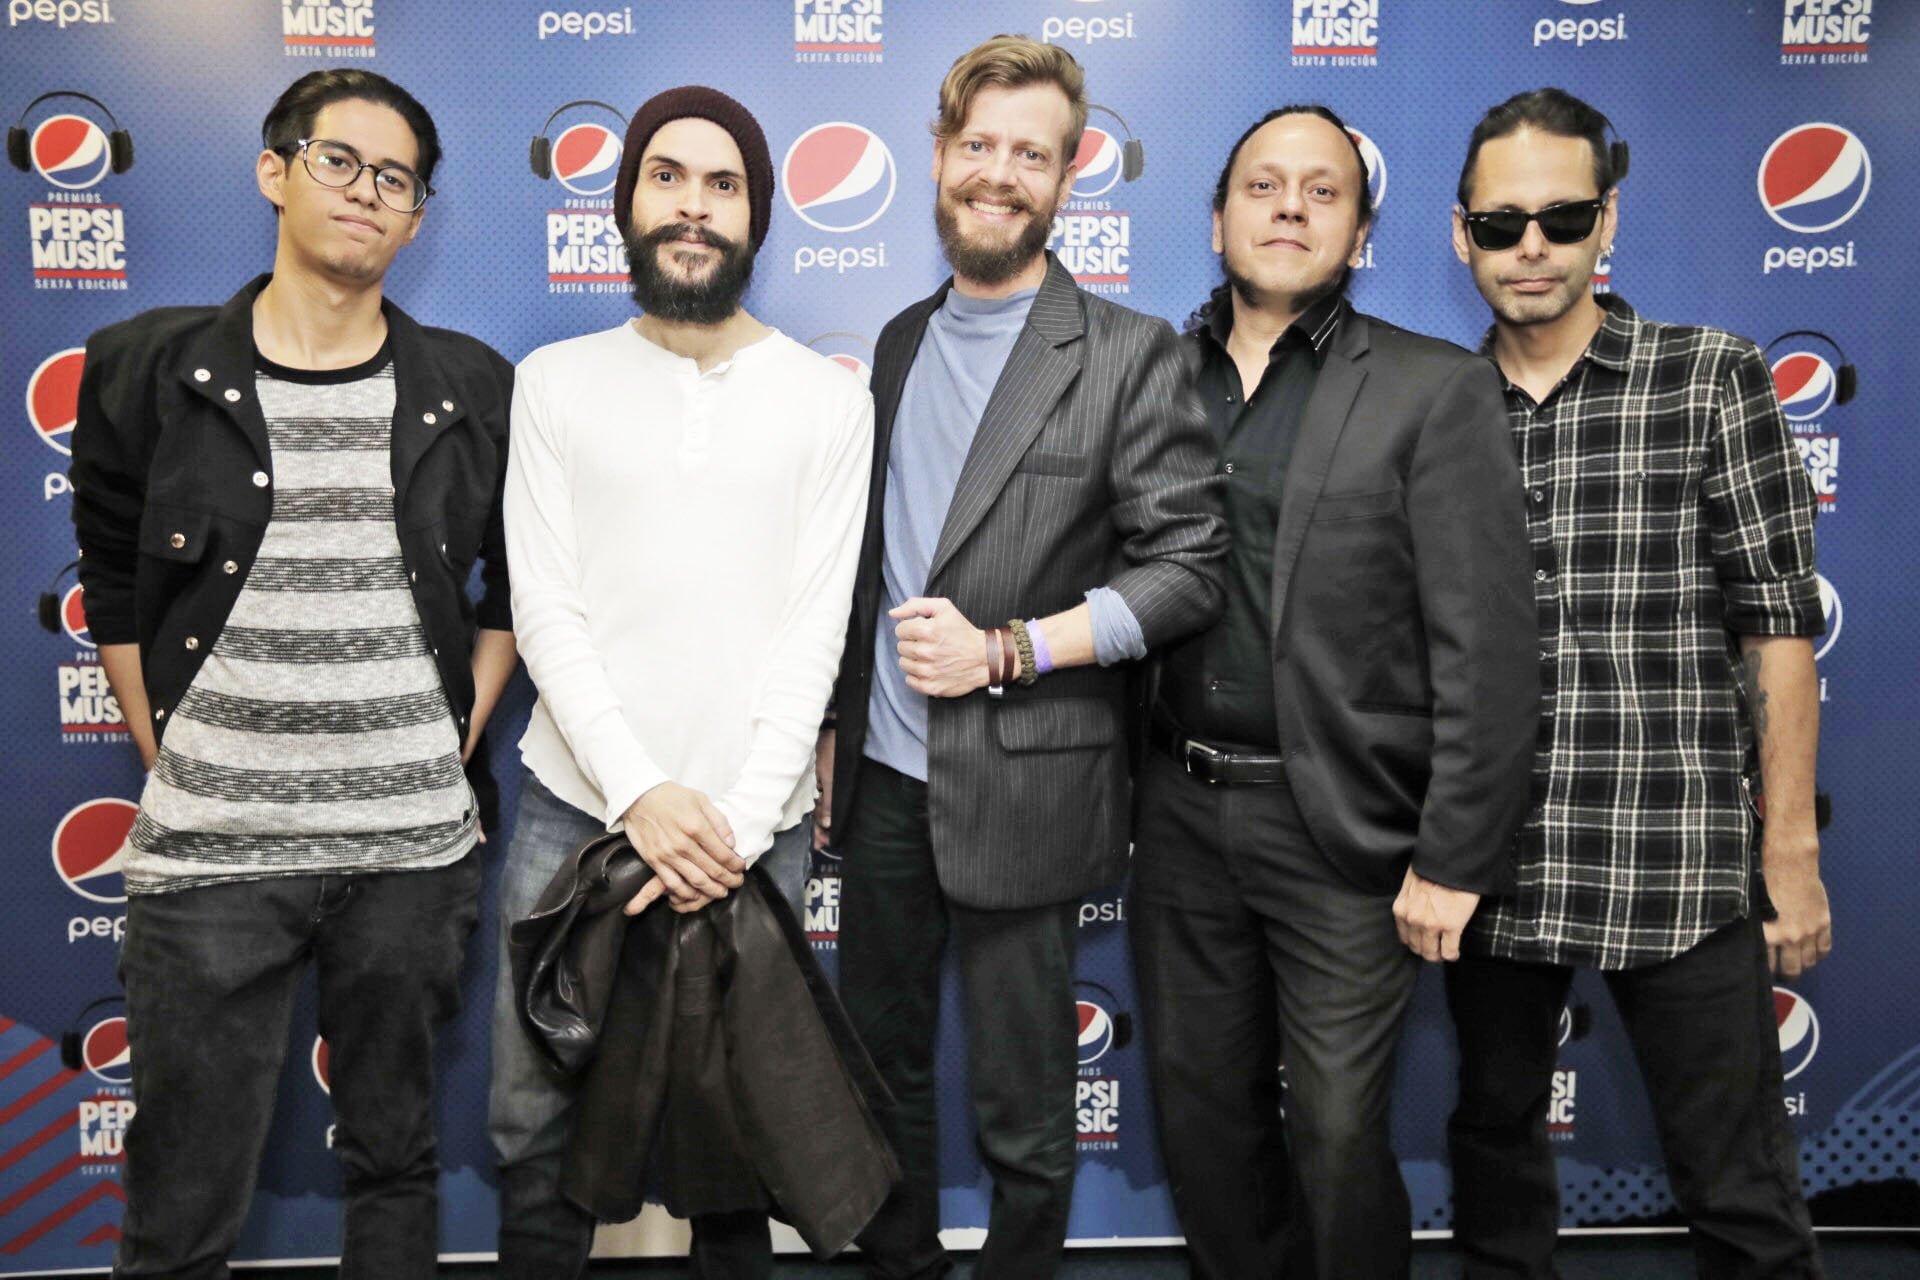 Los Premios Pepsi Music abrieron la gran fiesta del talento nacional con la gala no televisada de su 6ª edición